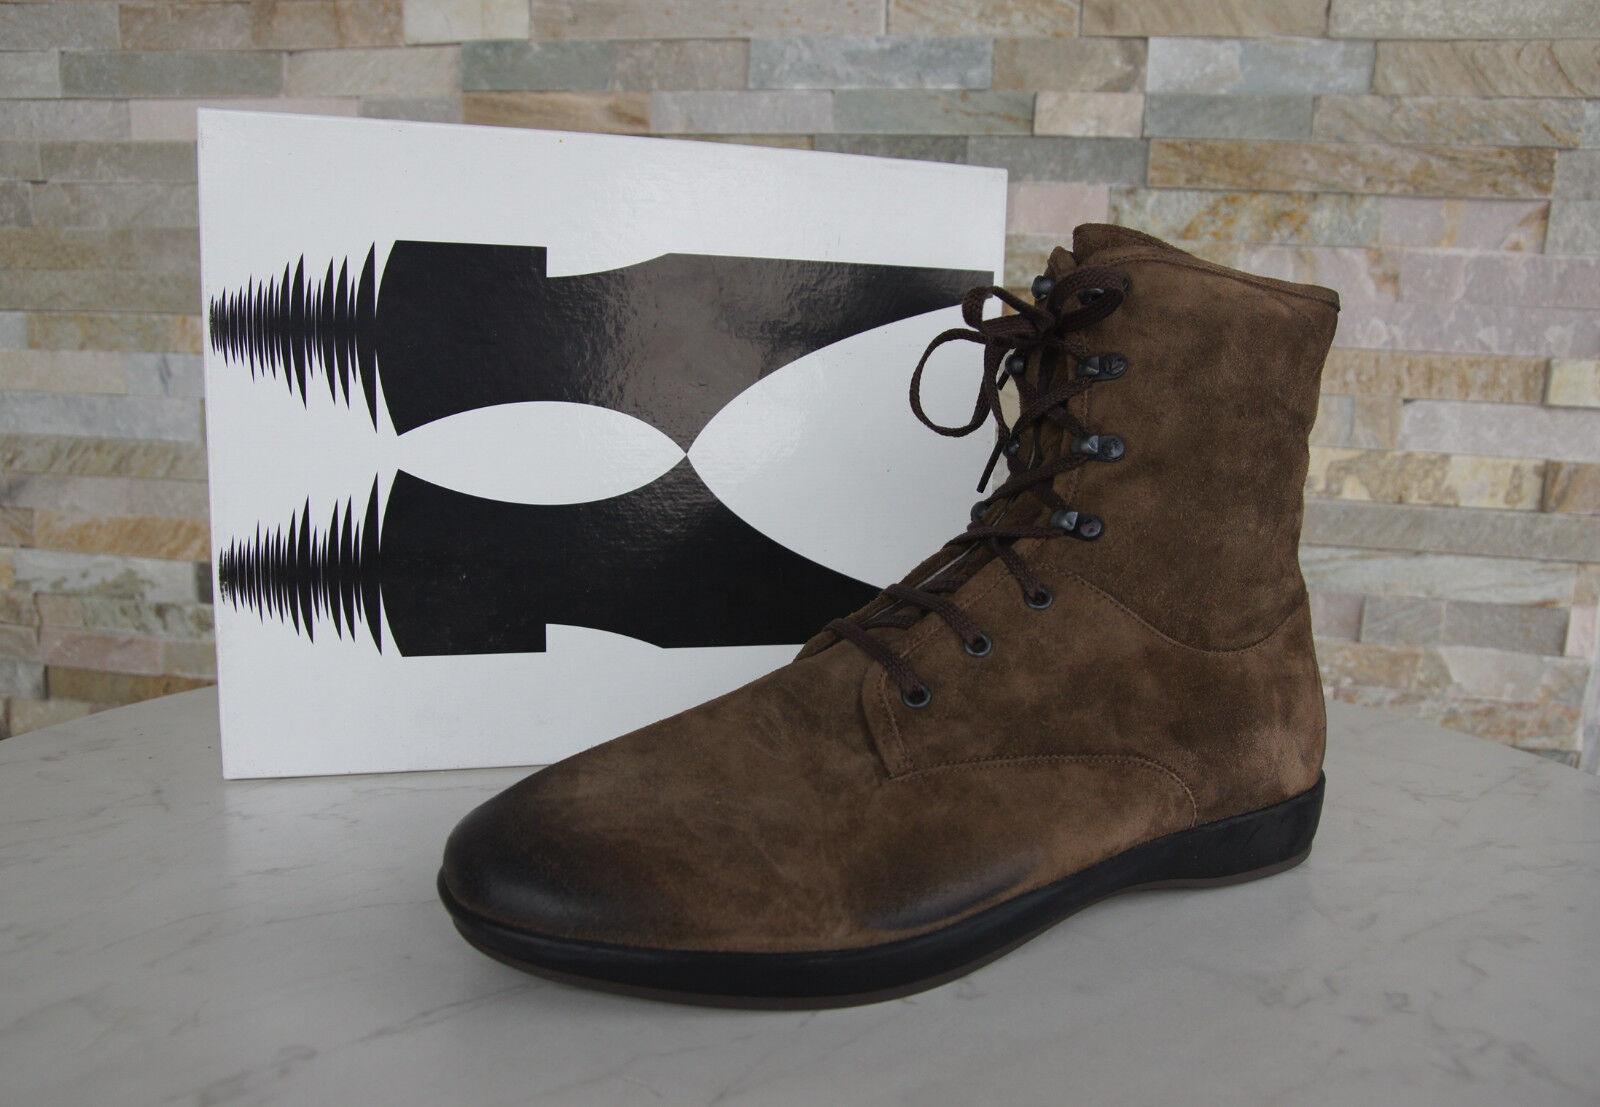 Moreschi Piel Gr 46 12 Piel Moreschi Botas Vintage Zapatos Marrón Nuevo c6b5d4